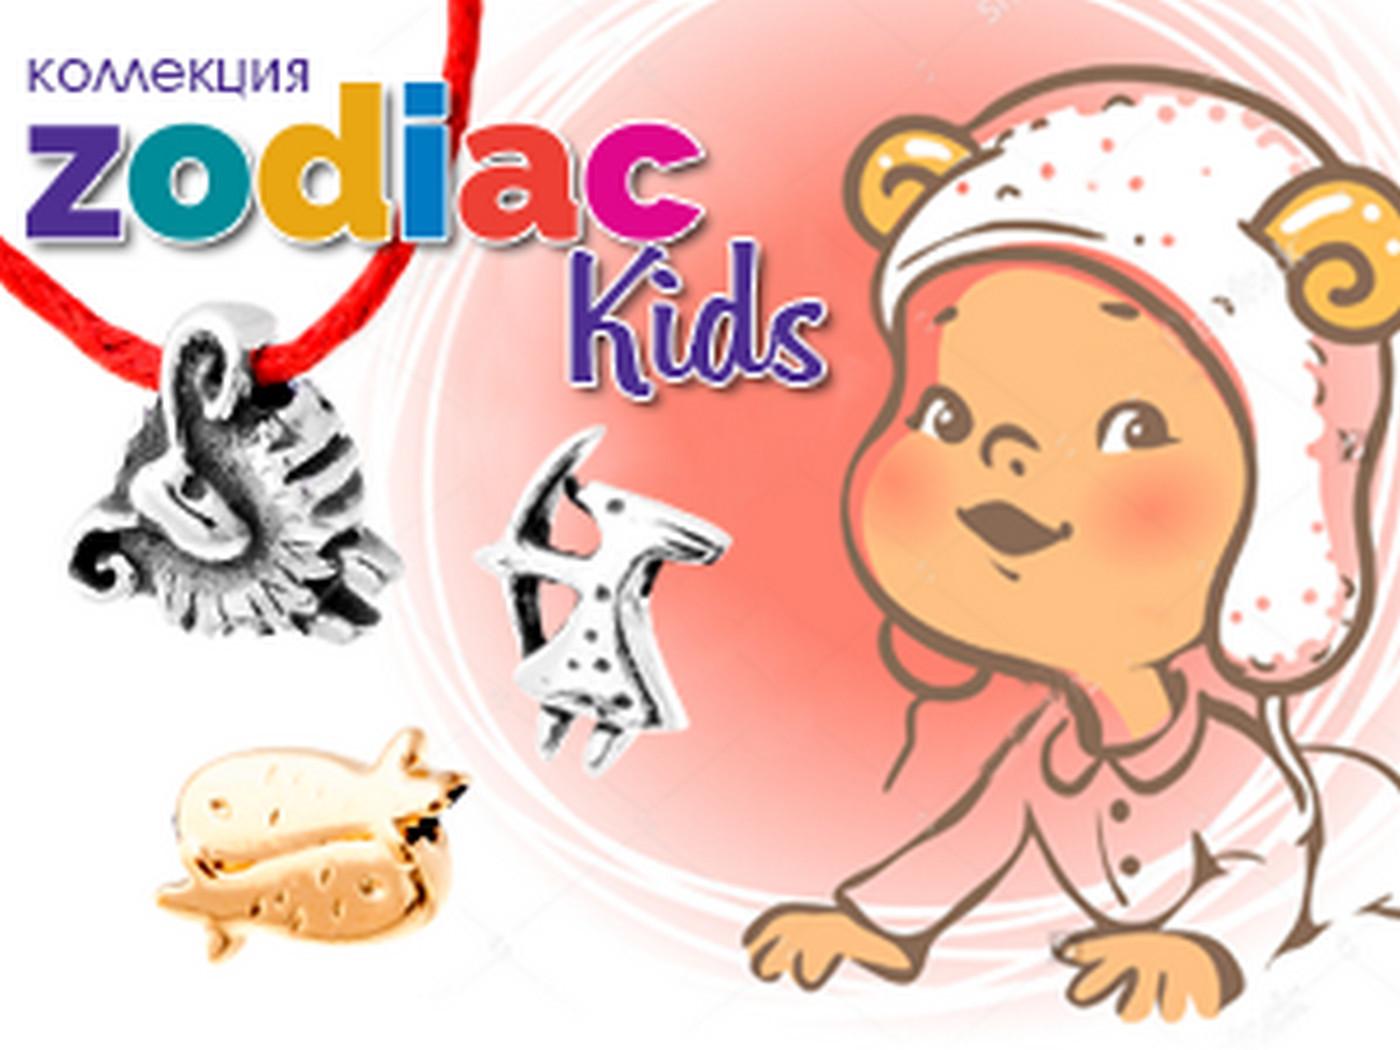 Перейти к коллекции ZodiacKids